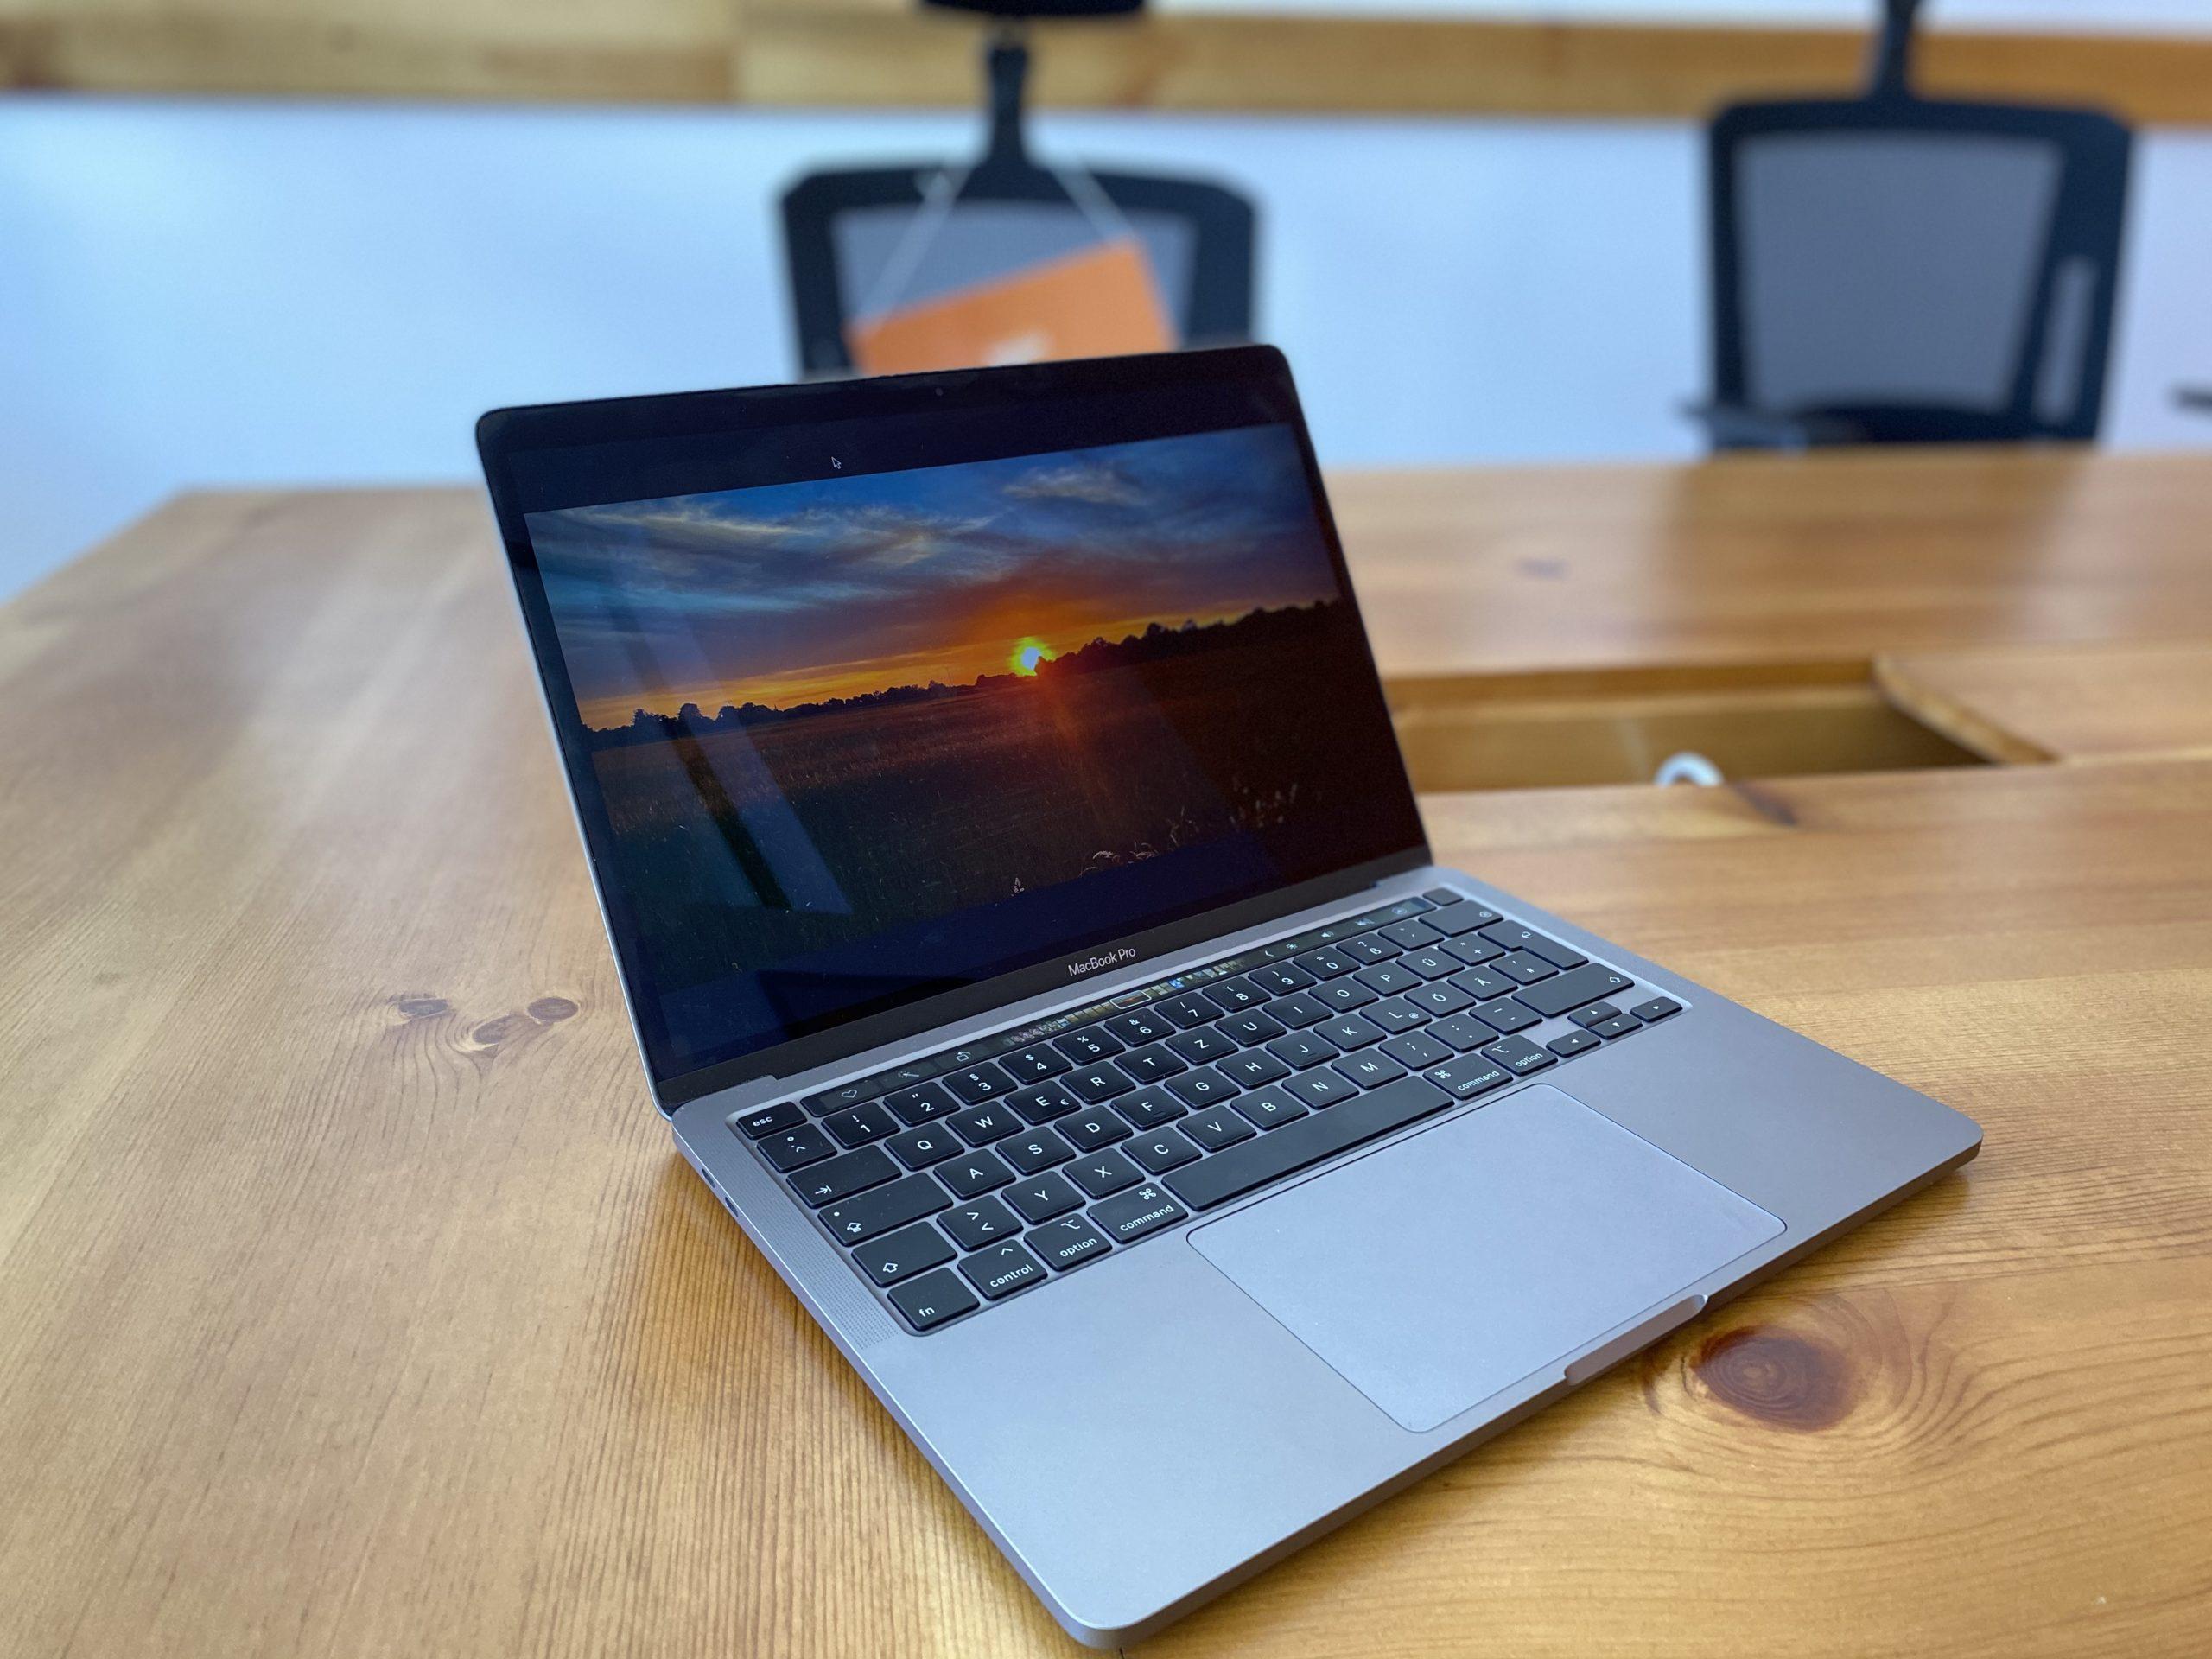 macbook 2020 bildschirm